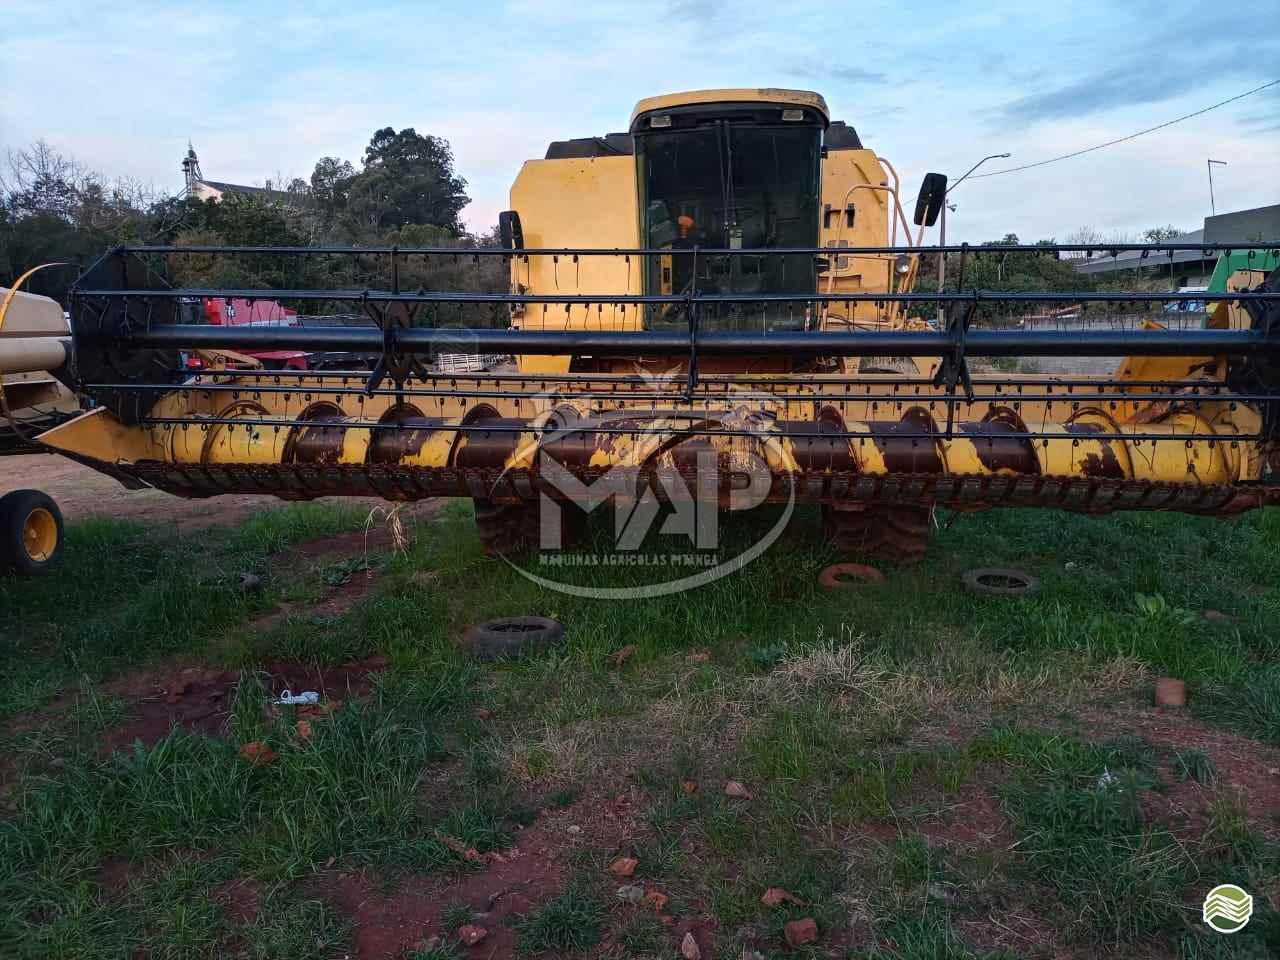 COLHEITADEIRA NEW HOLLAND TC 59 Máquinas Agrícolas Pitanga PITANGA PARANÁ PR